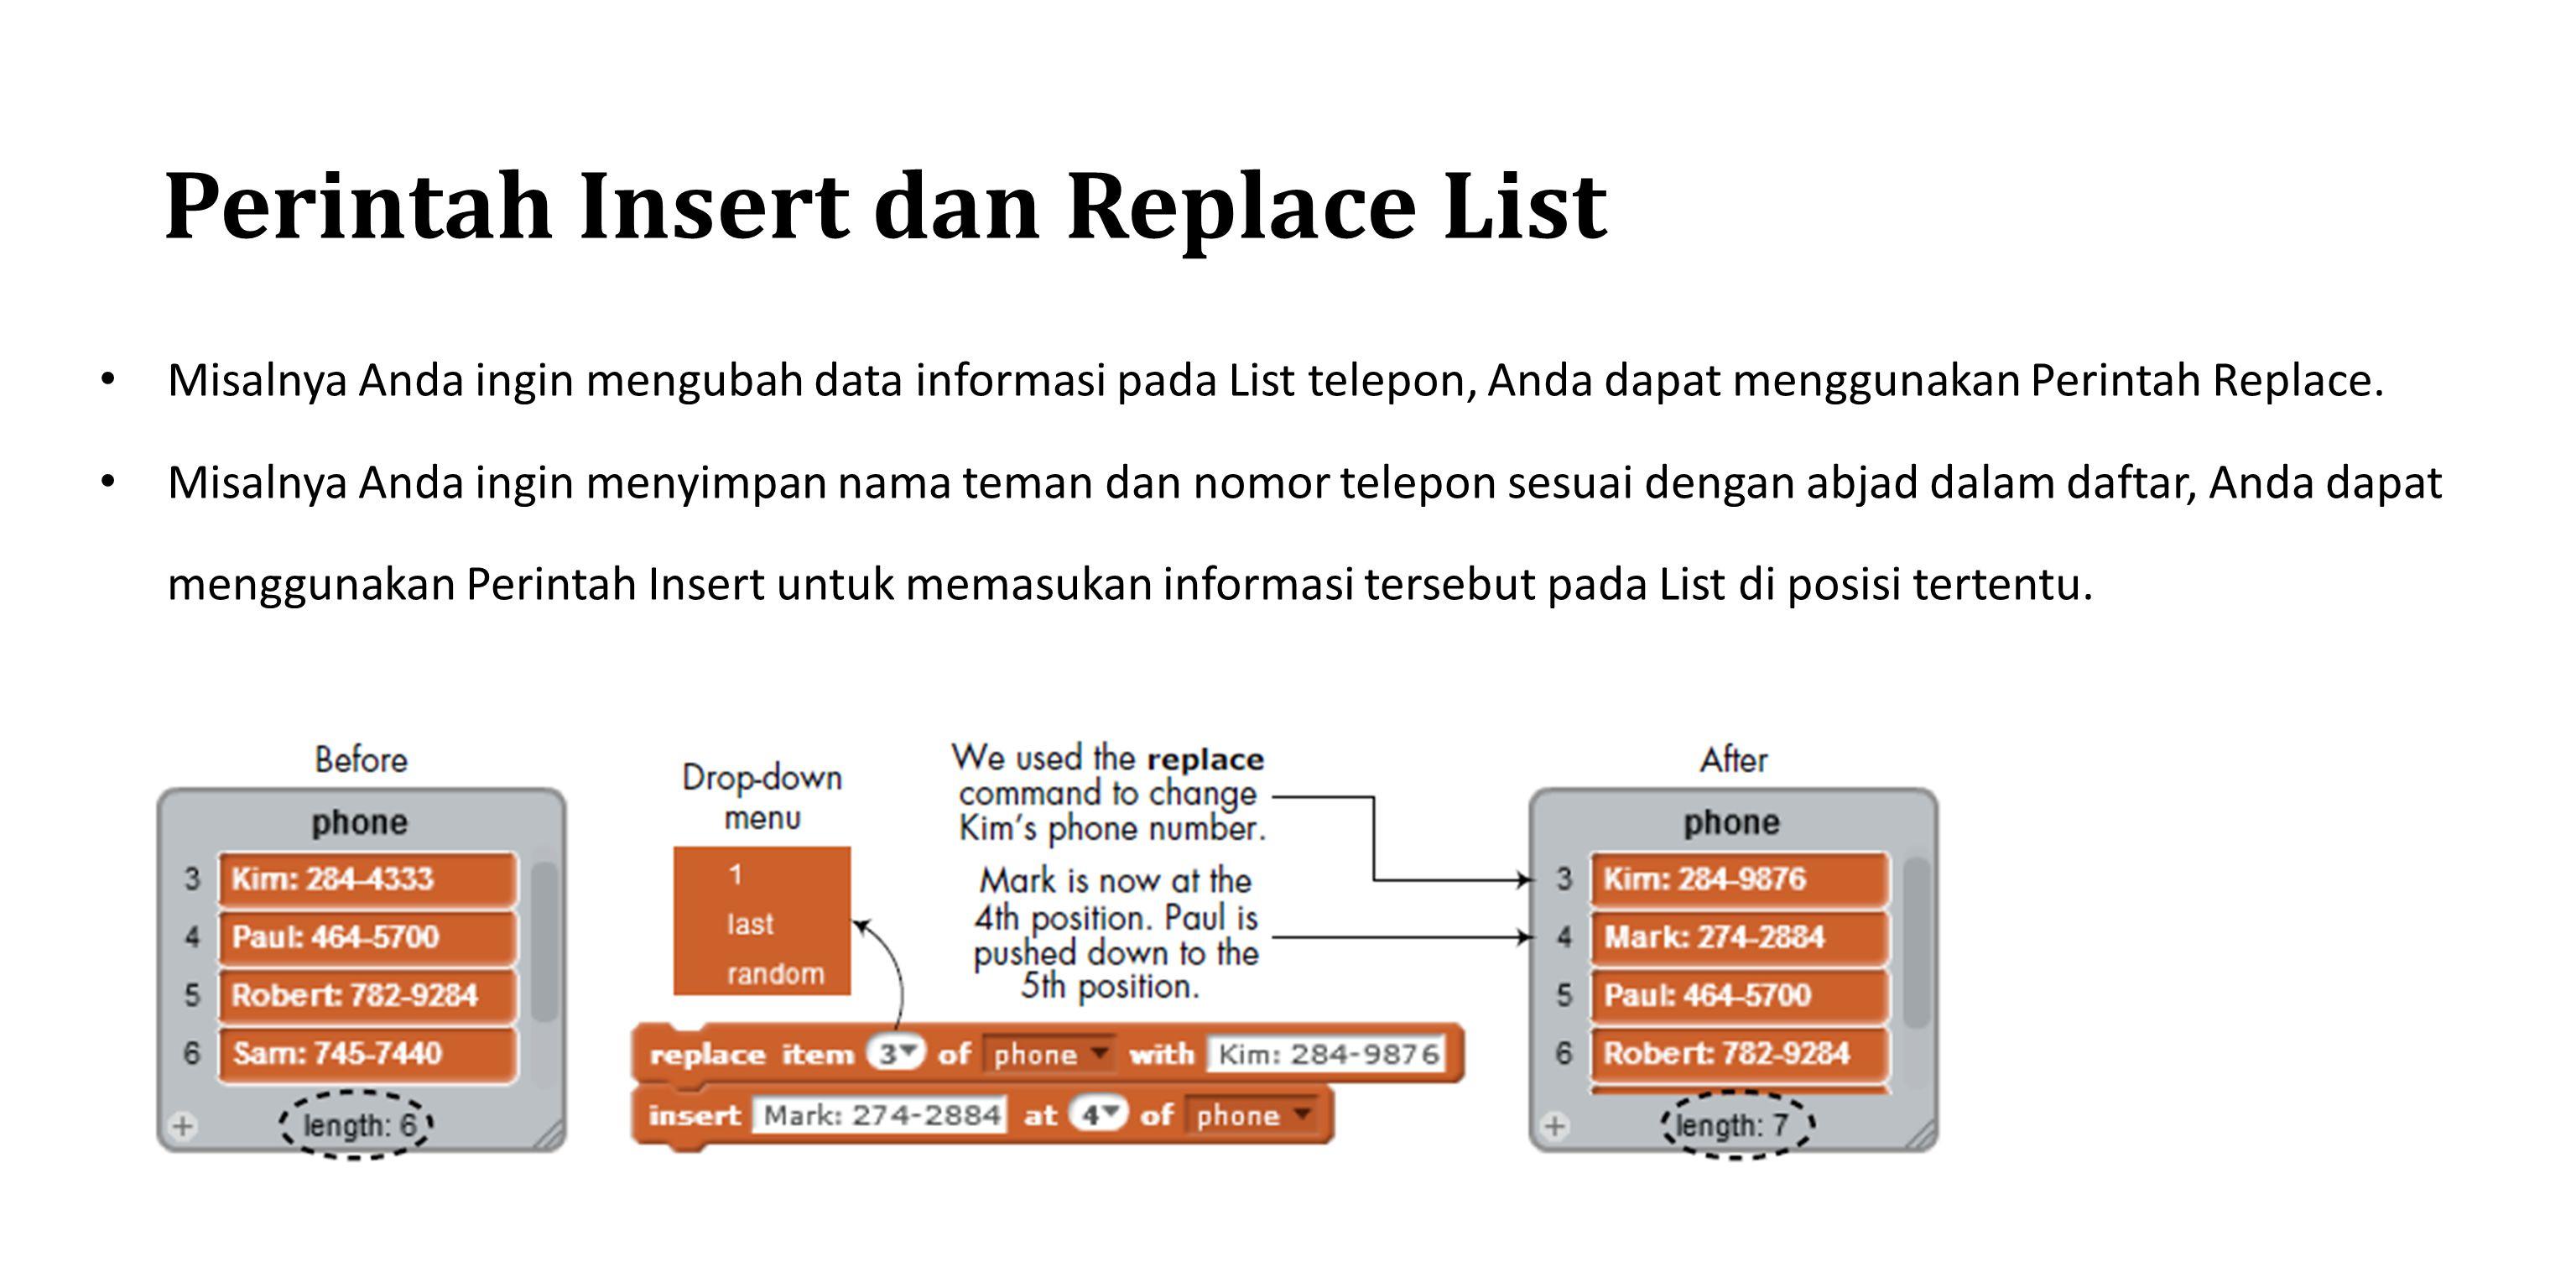 Perintah Insert dan Replace List Misalnya Anda ingin mengubah data informasi pada List telepon, Anda dapat menggunakan Perintah Replace. Misalnya Anda